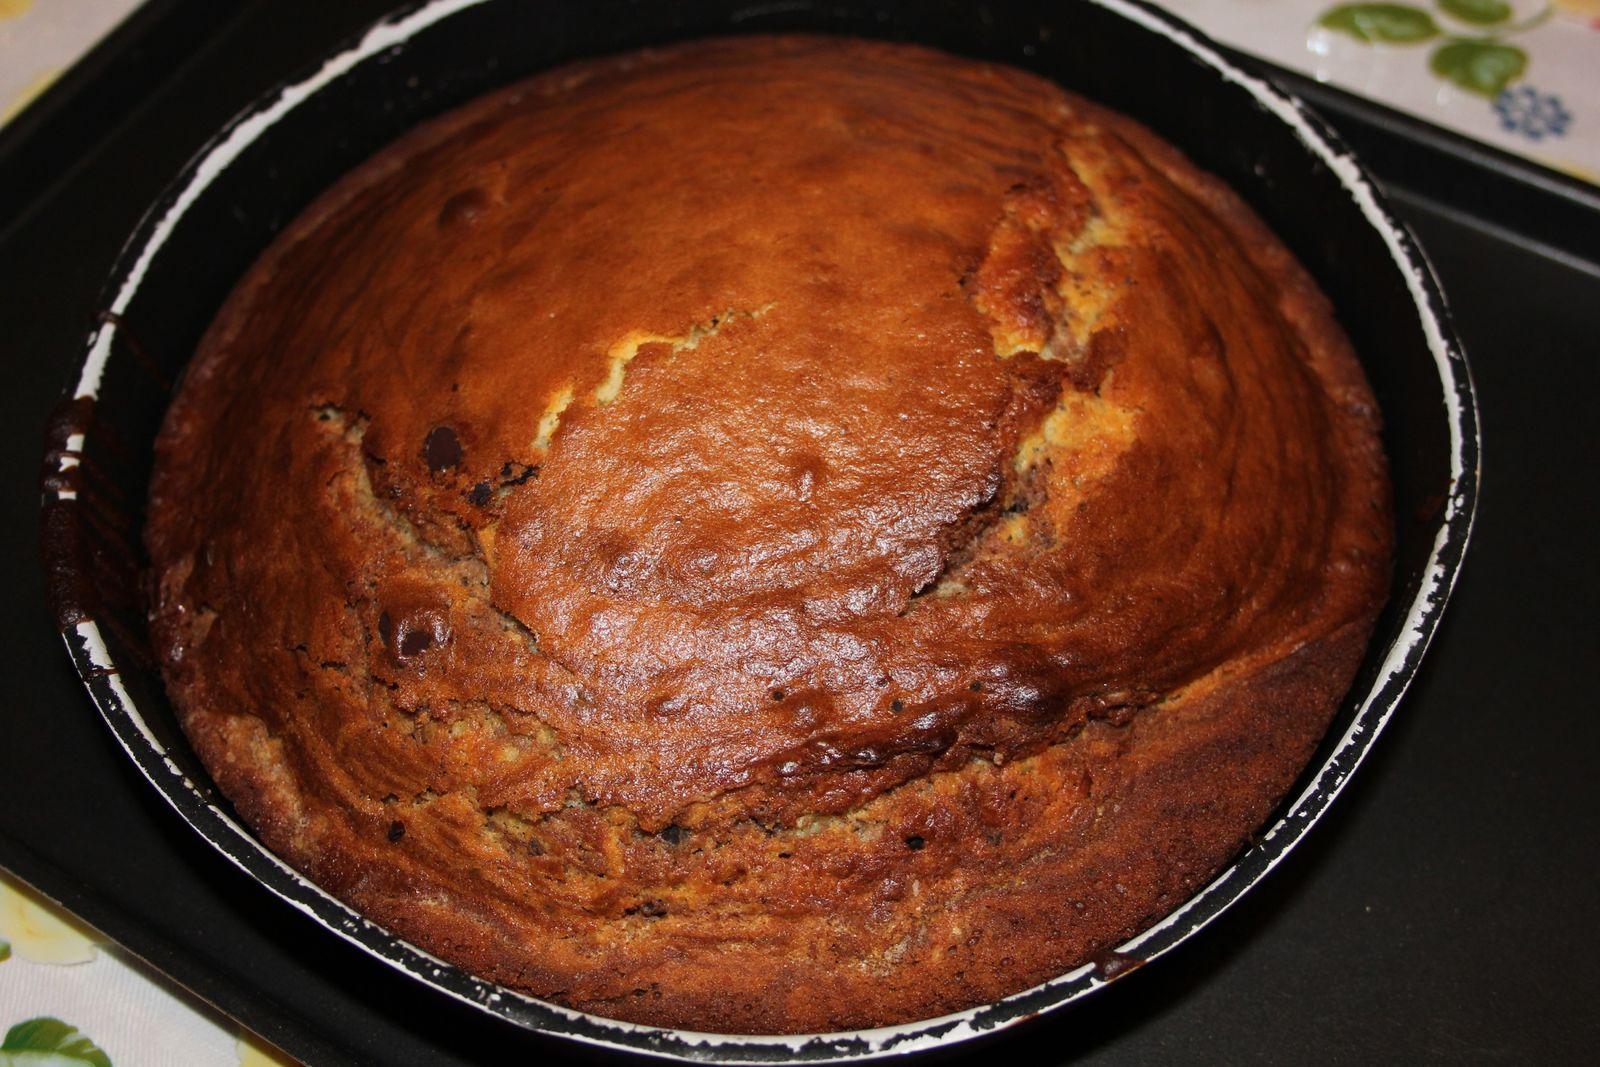 le gâteau sera bien doré...